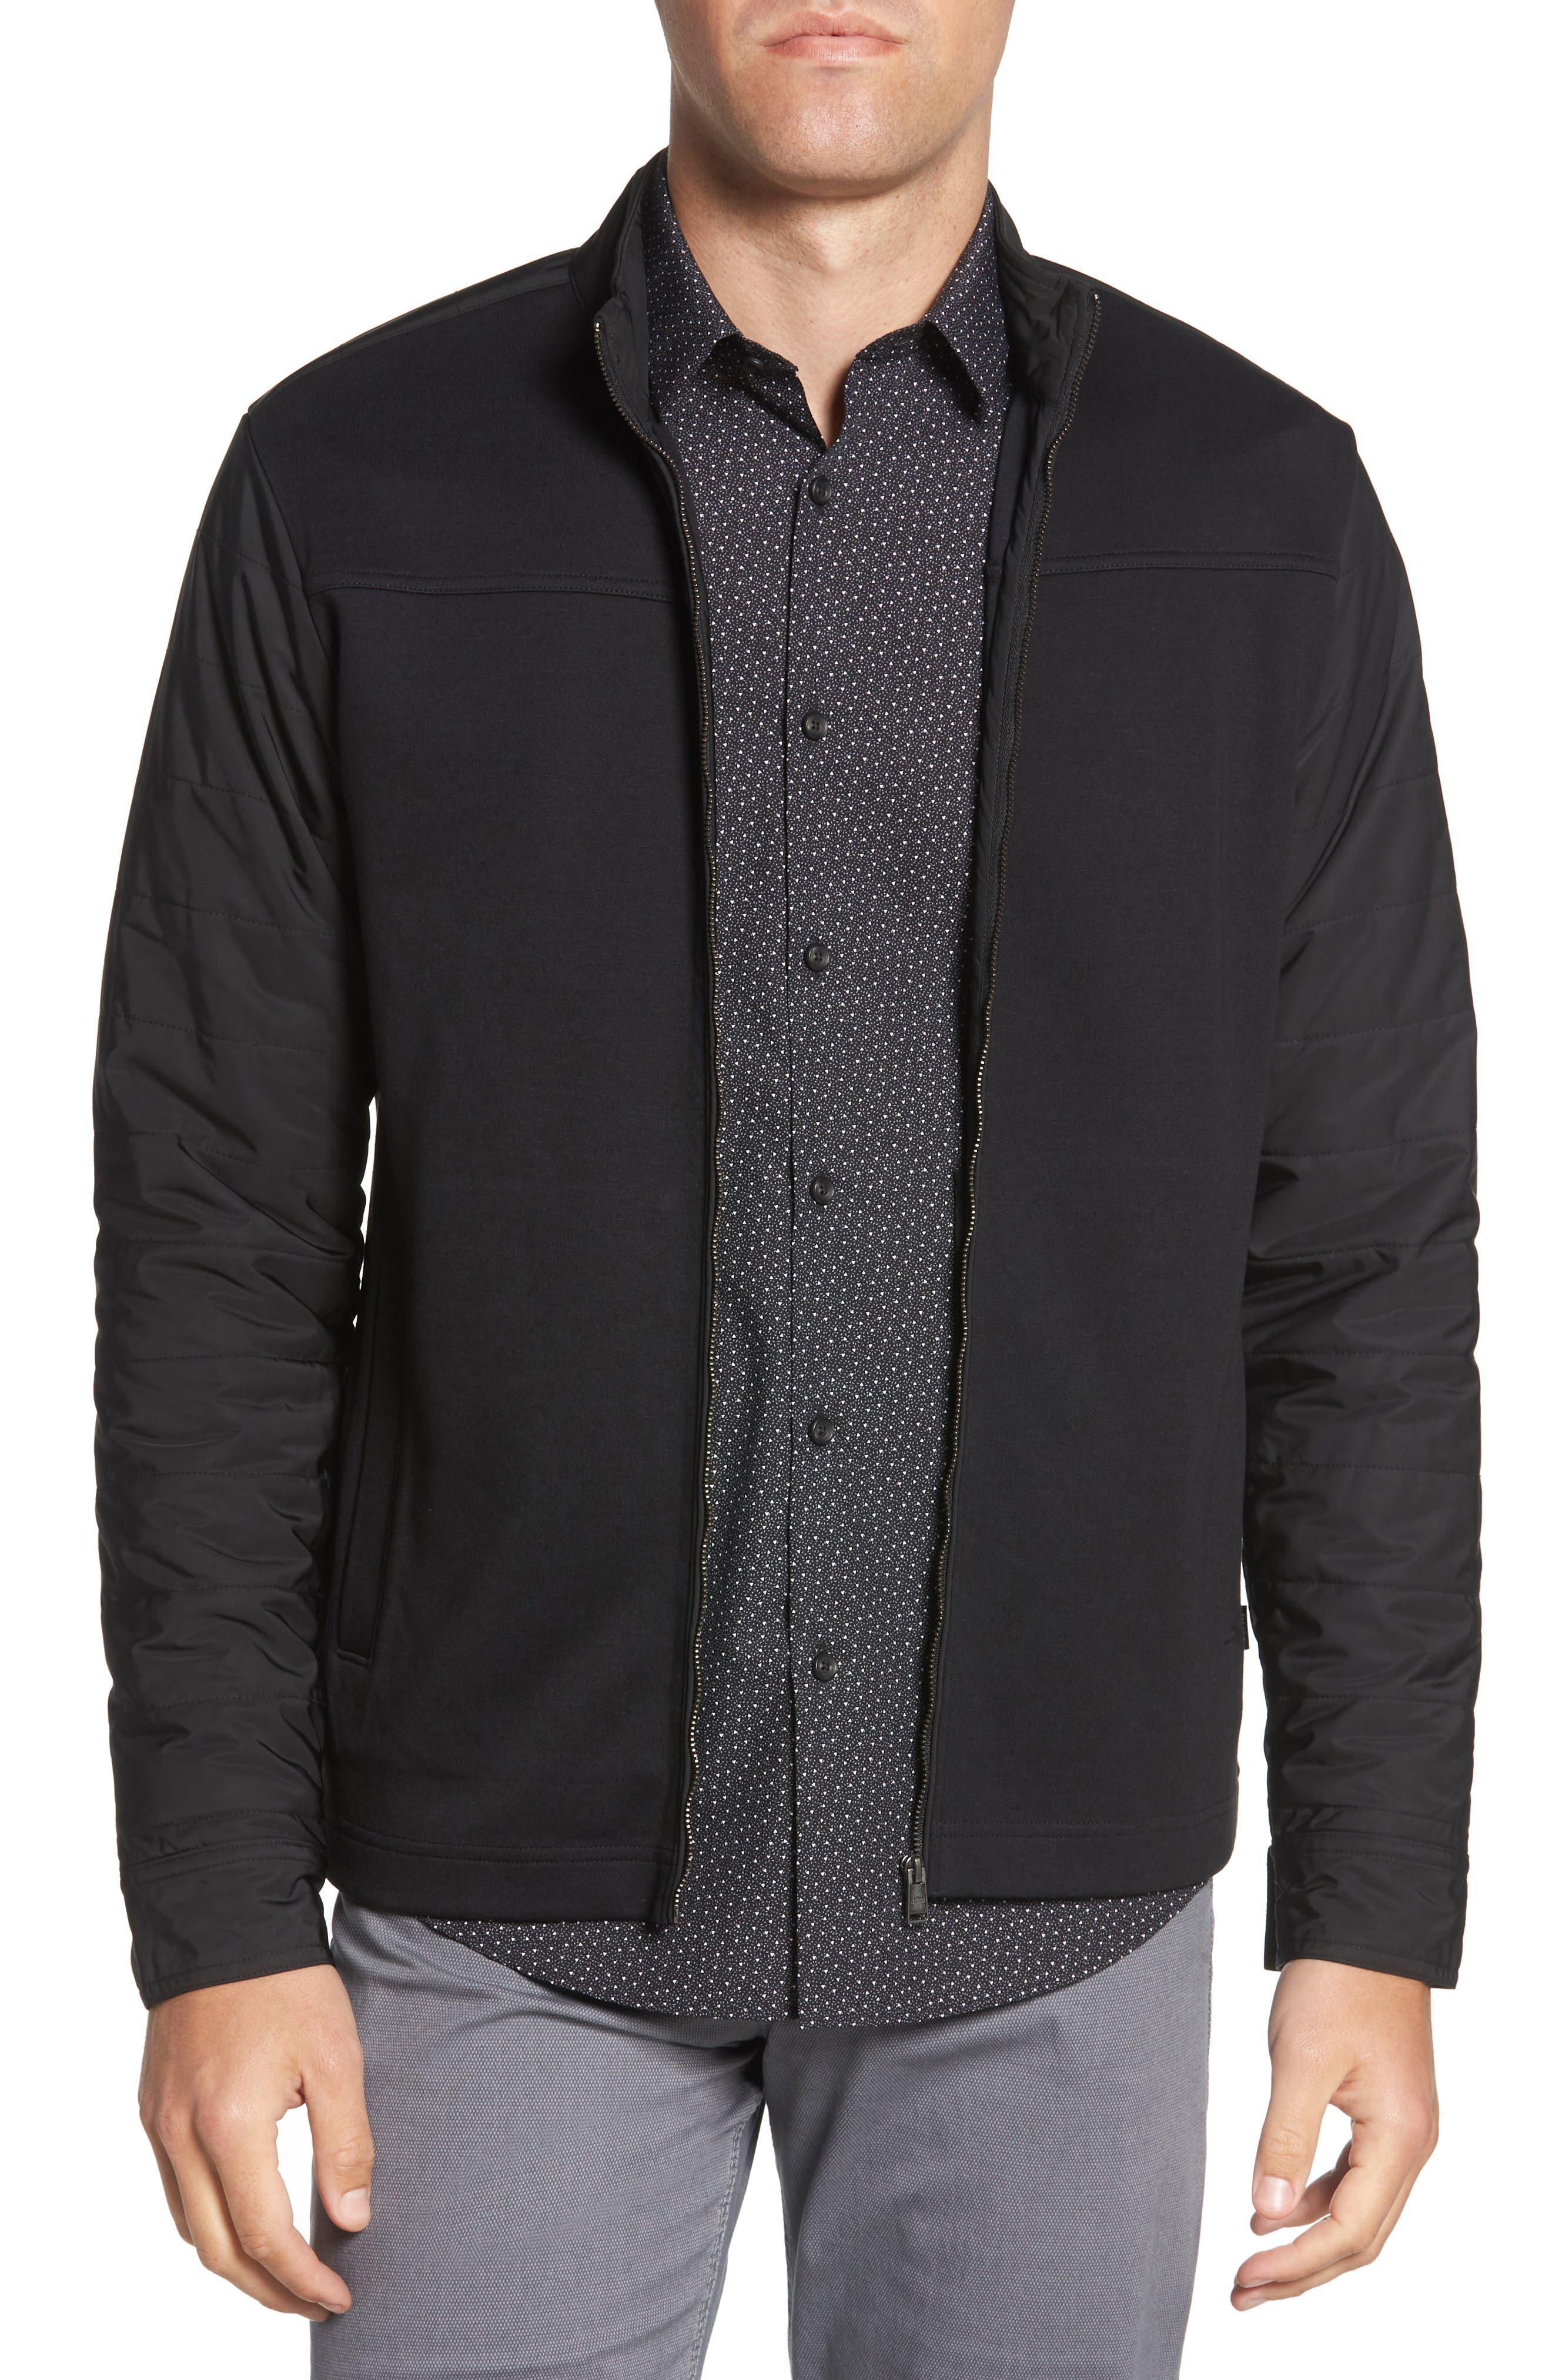 Soule Slim Fit Moto Jacket,                         Main,                         color, BLACK